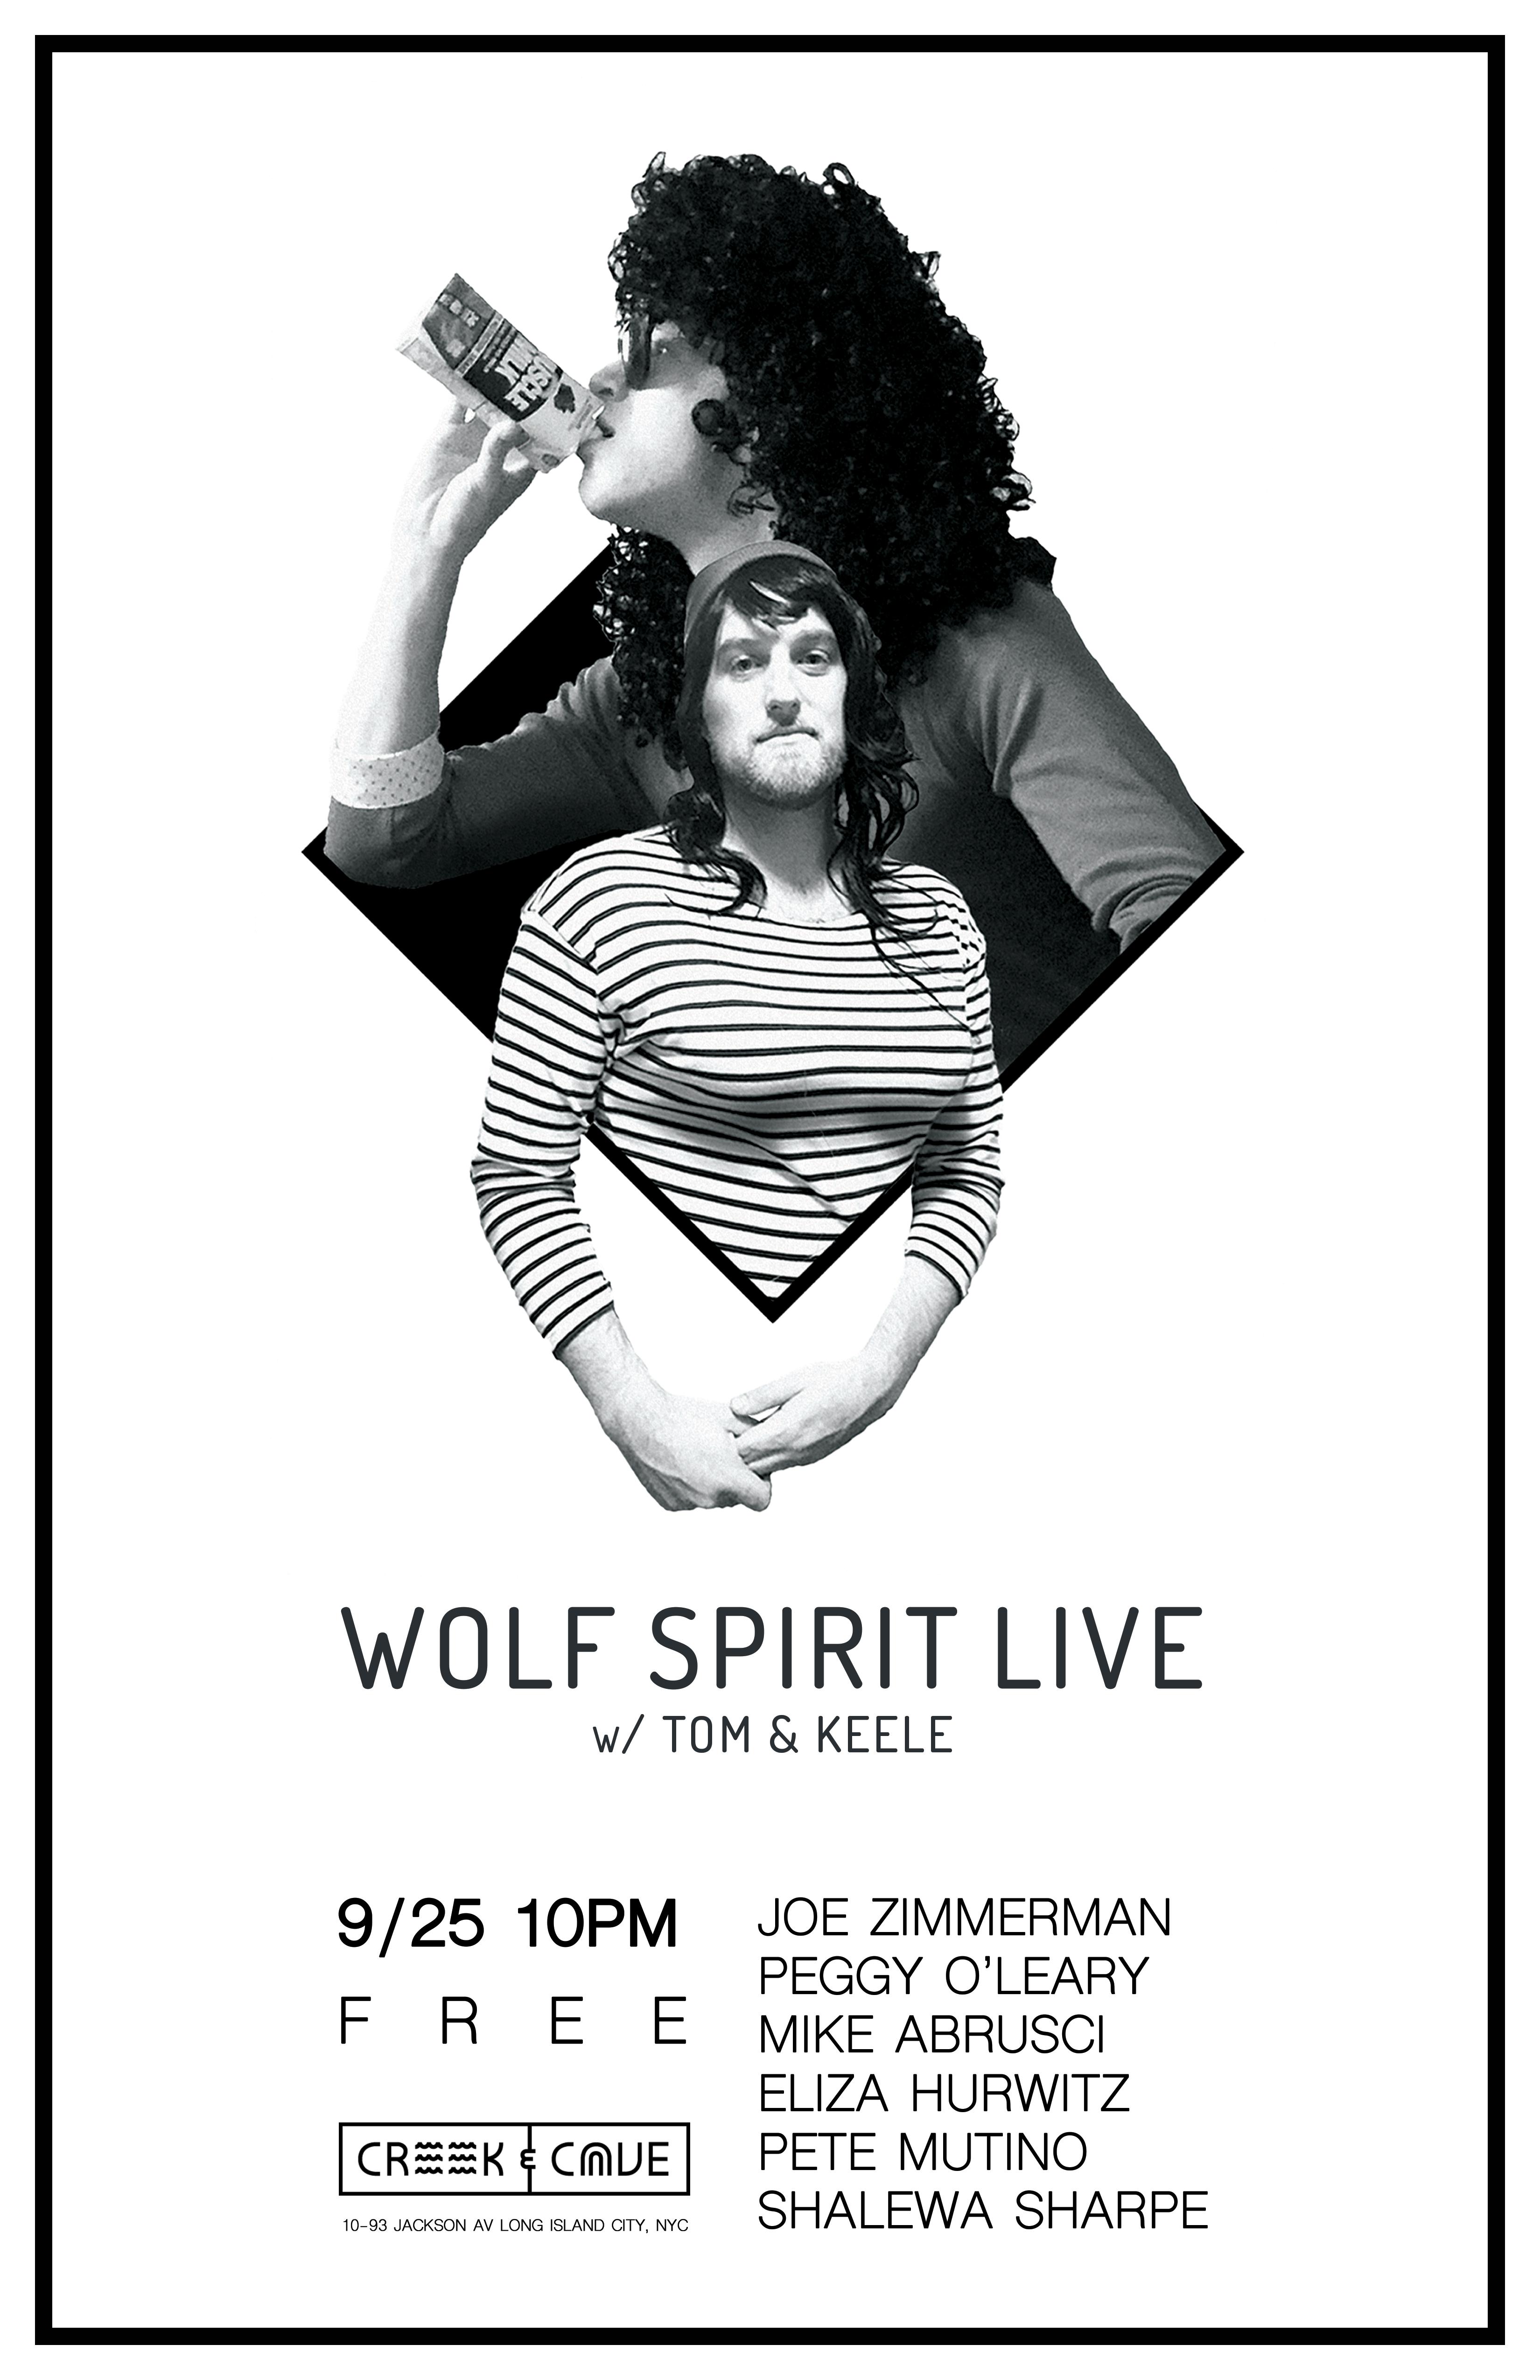 Wolf Spirit Live 9/25